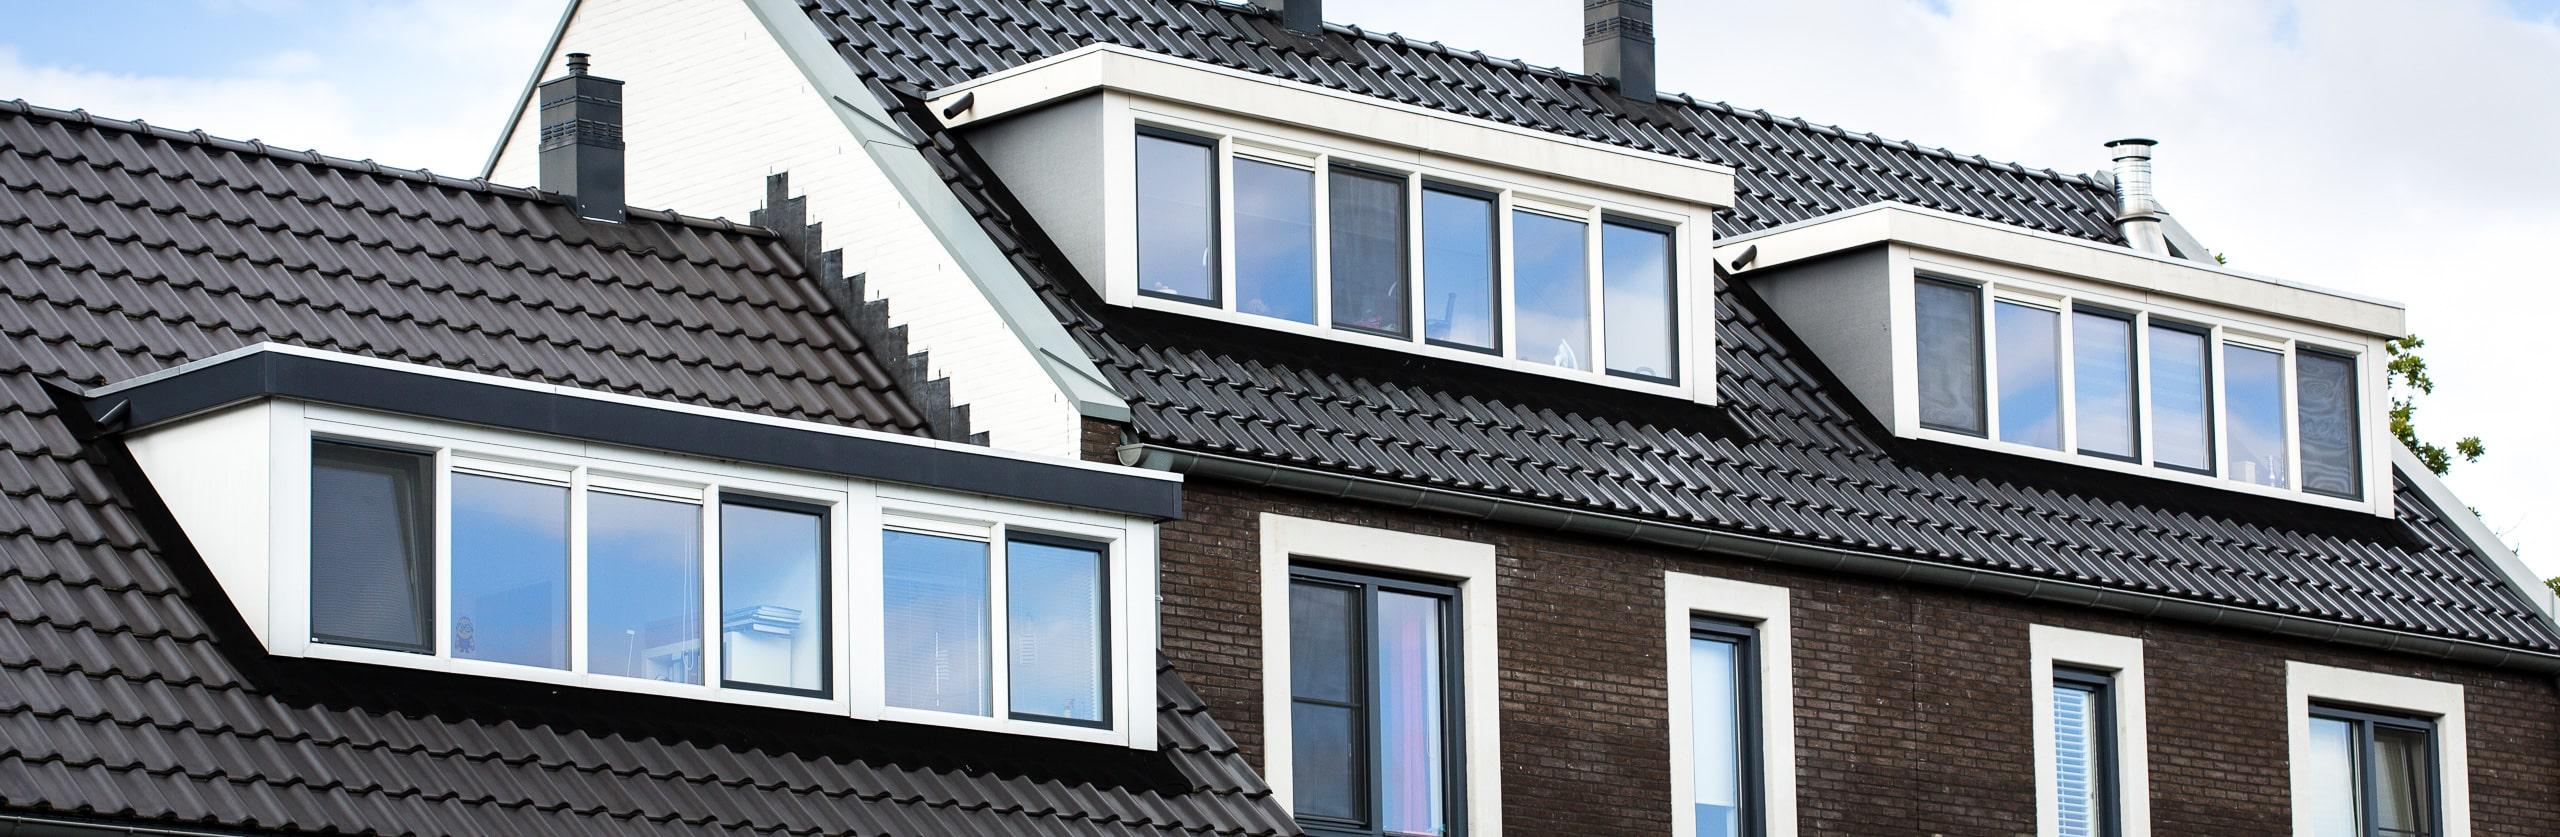 Bouwtekeningen voor dakkapel